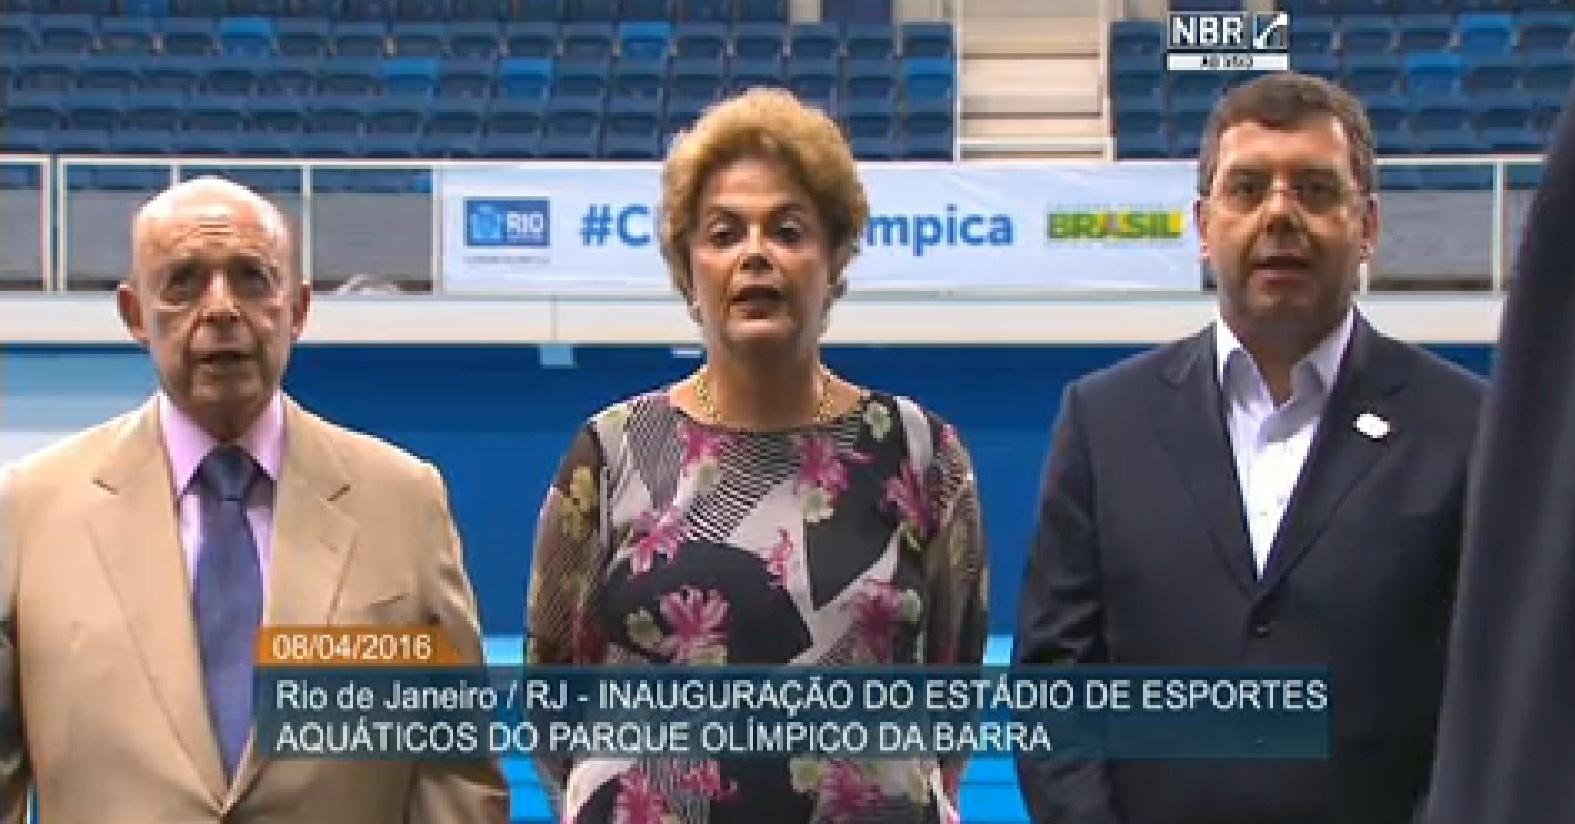 8.abr.2016 - A presidente Dilma Rousseff participa da inauguração do Estádio de Esportes Aquáticos do Parque Olímpico da Barra, na Barra da Tijuca, no Rio de Janeiro (RJ). O estádio será usado nas Olimpíadas que serão sediadas na capital fluminense